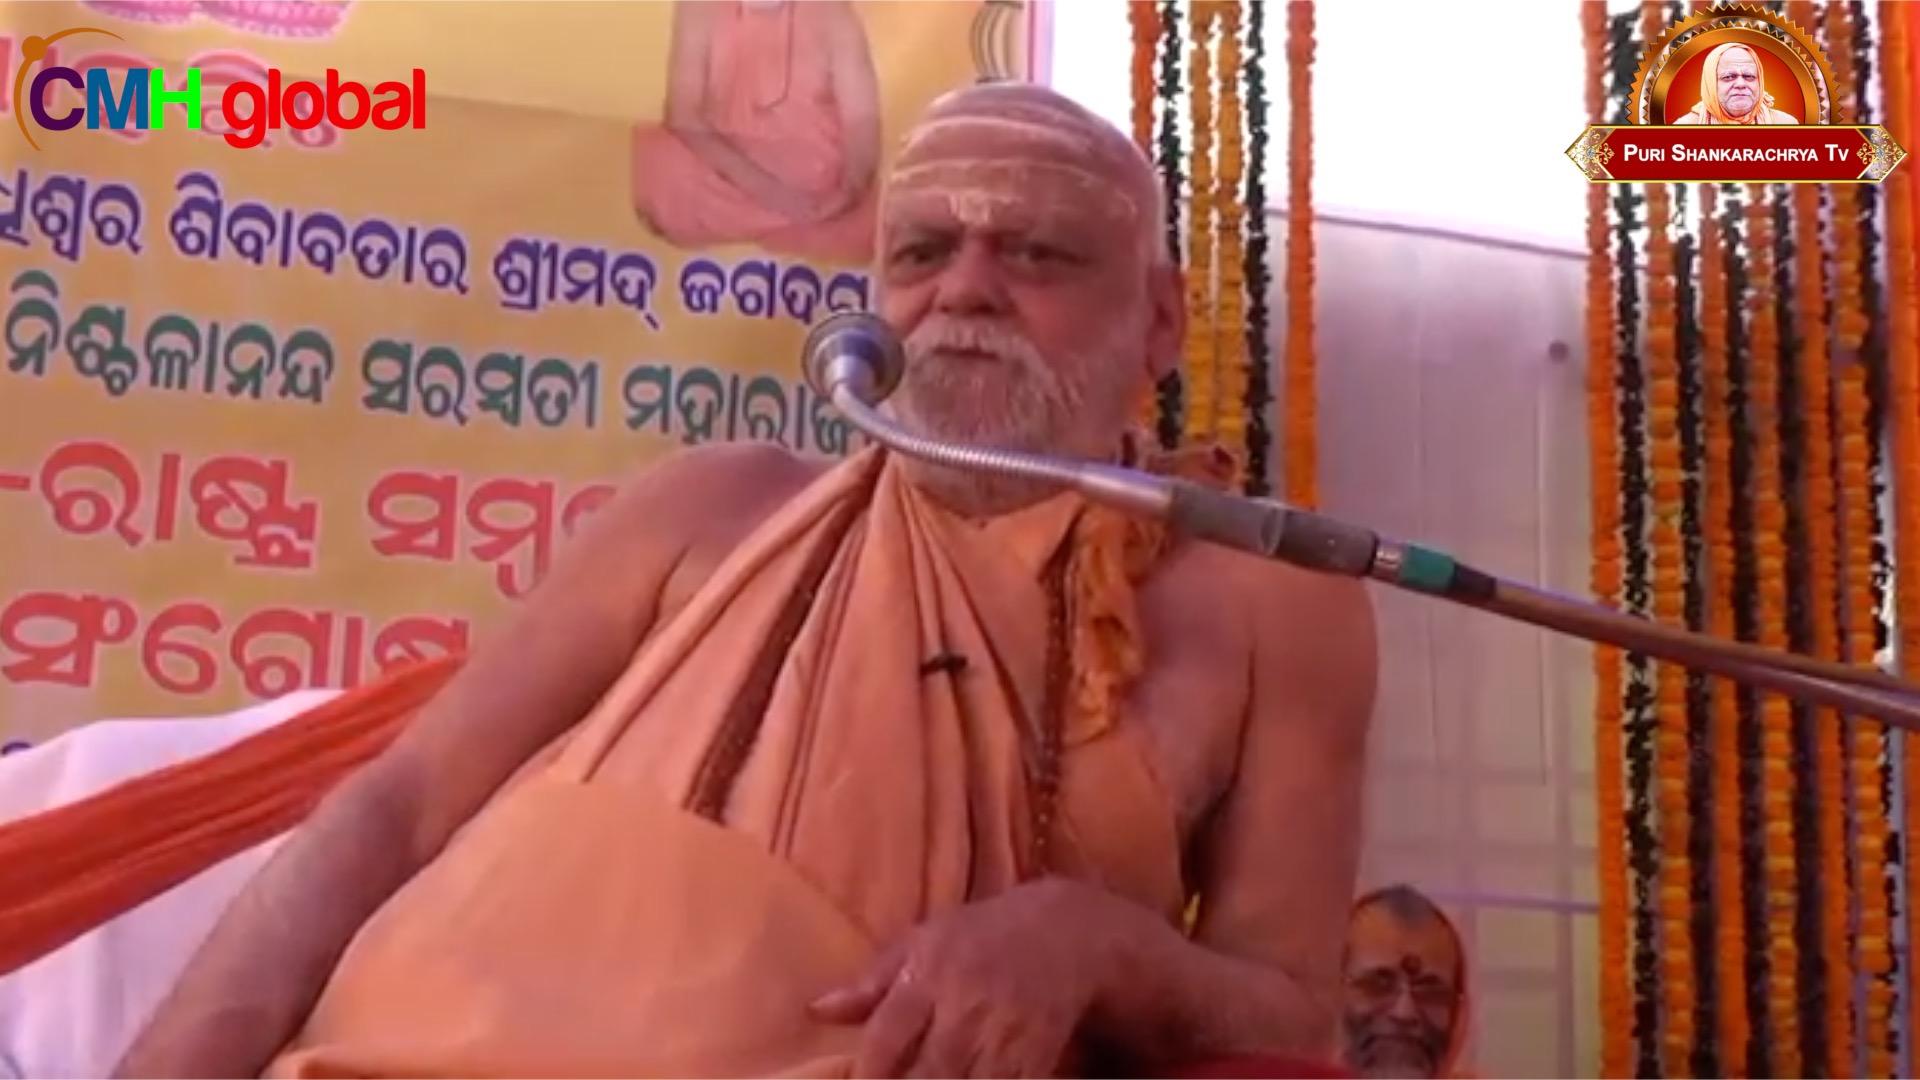 Gyan Dhara Ep -04 by Puri Shankaracharya Swami Nishchalananda Saraswati Ji